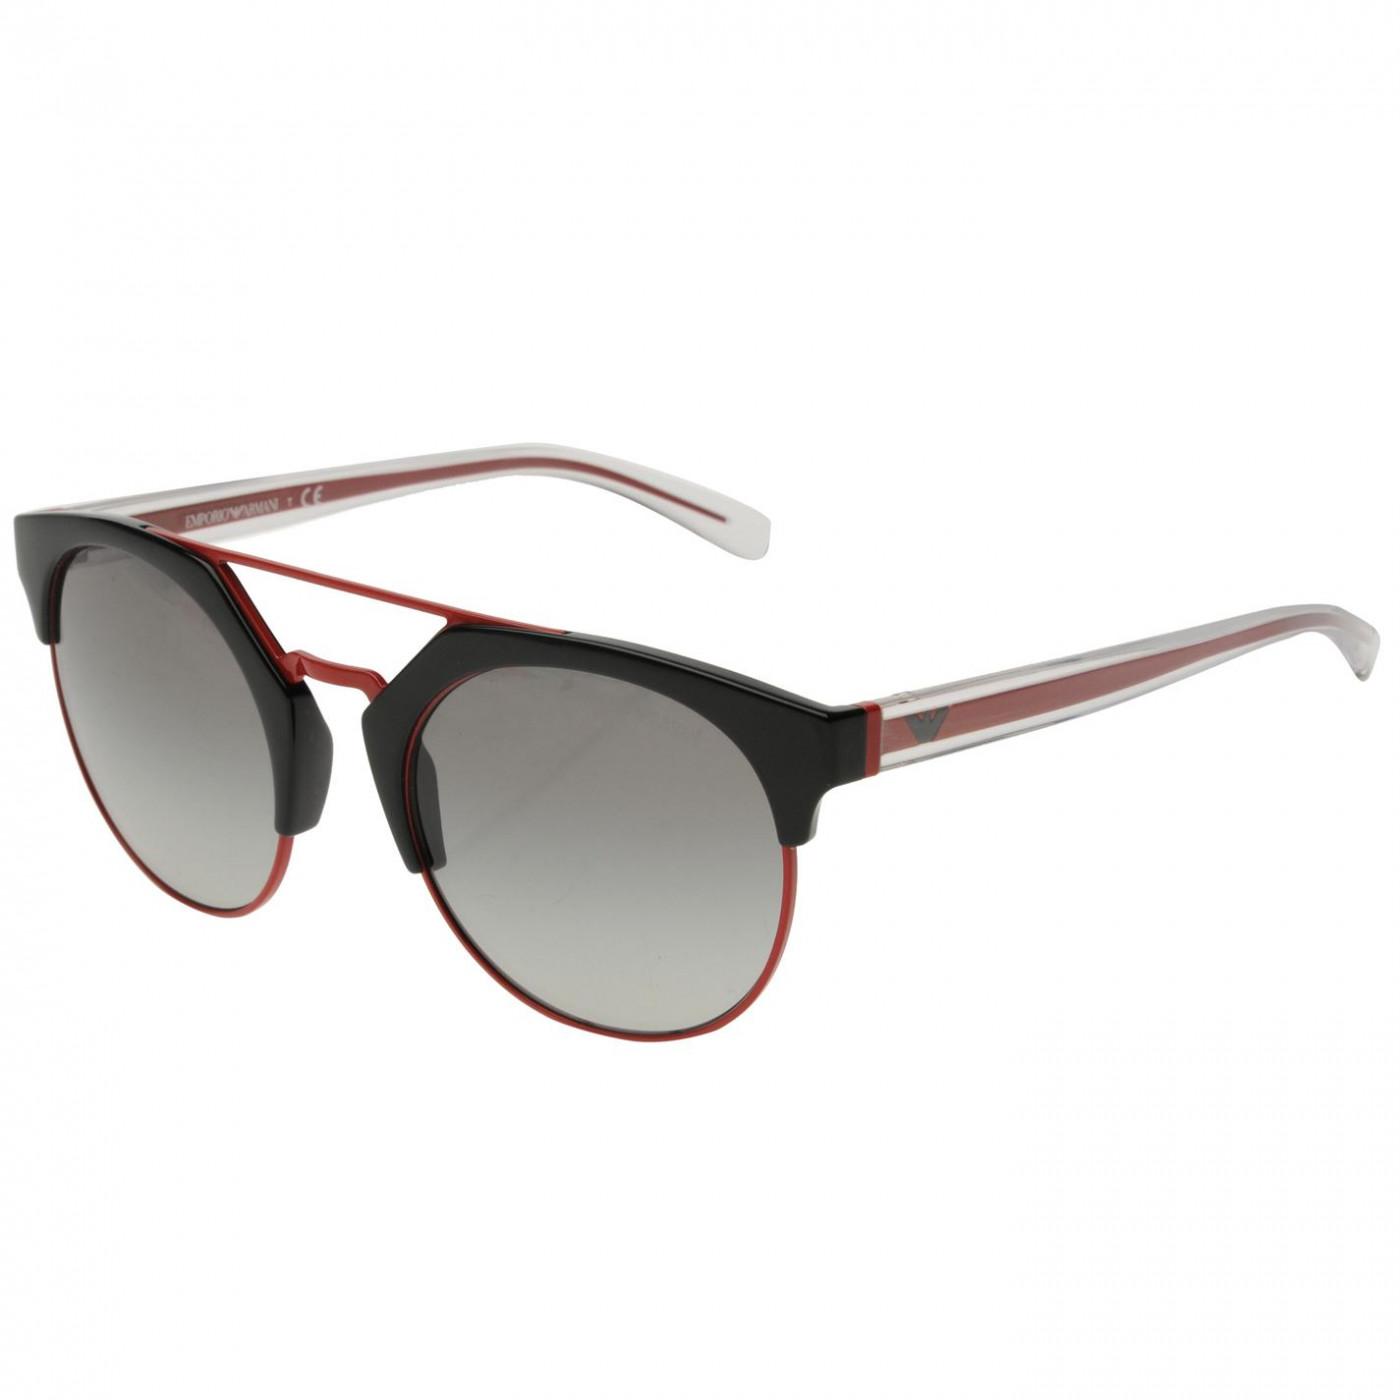 Emporio Armani 0EA4092 Sunglasses